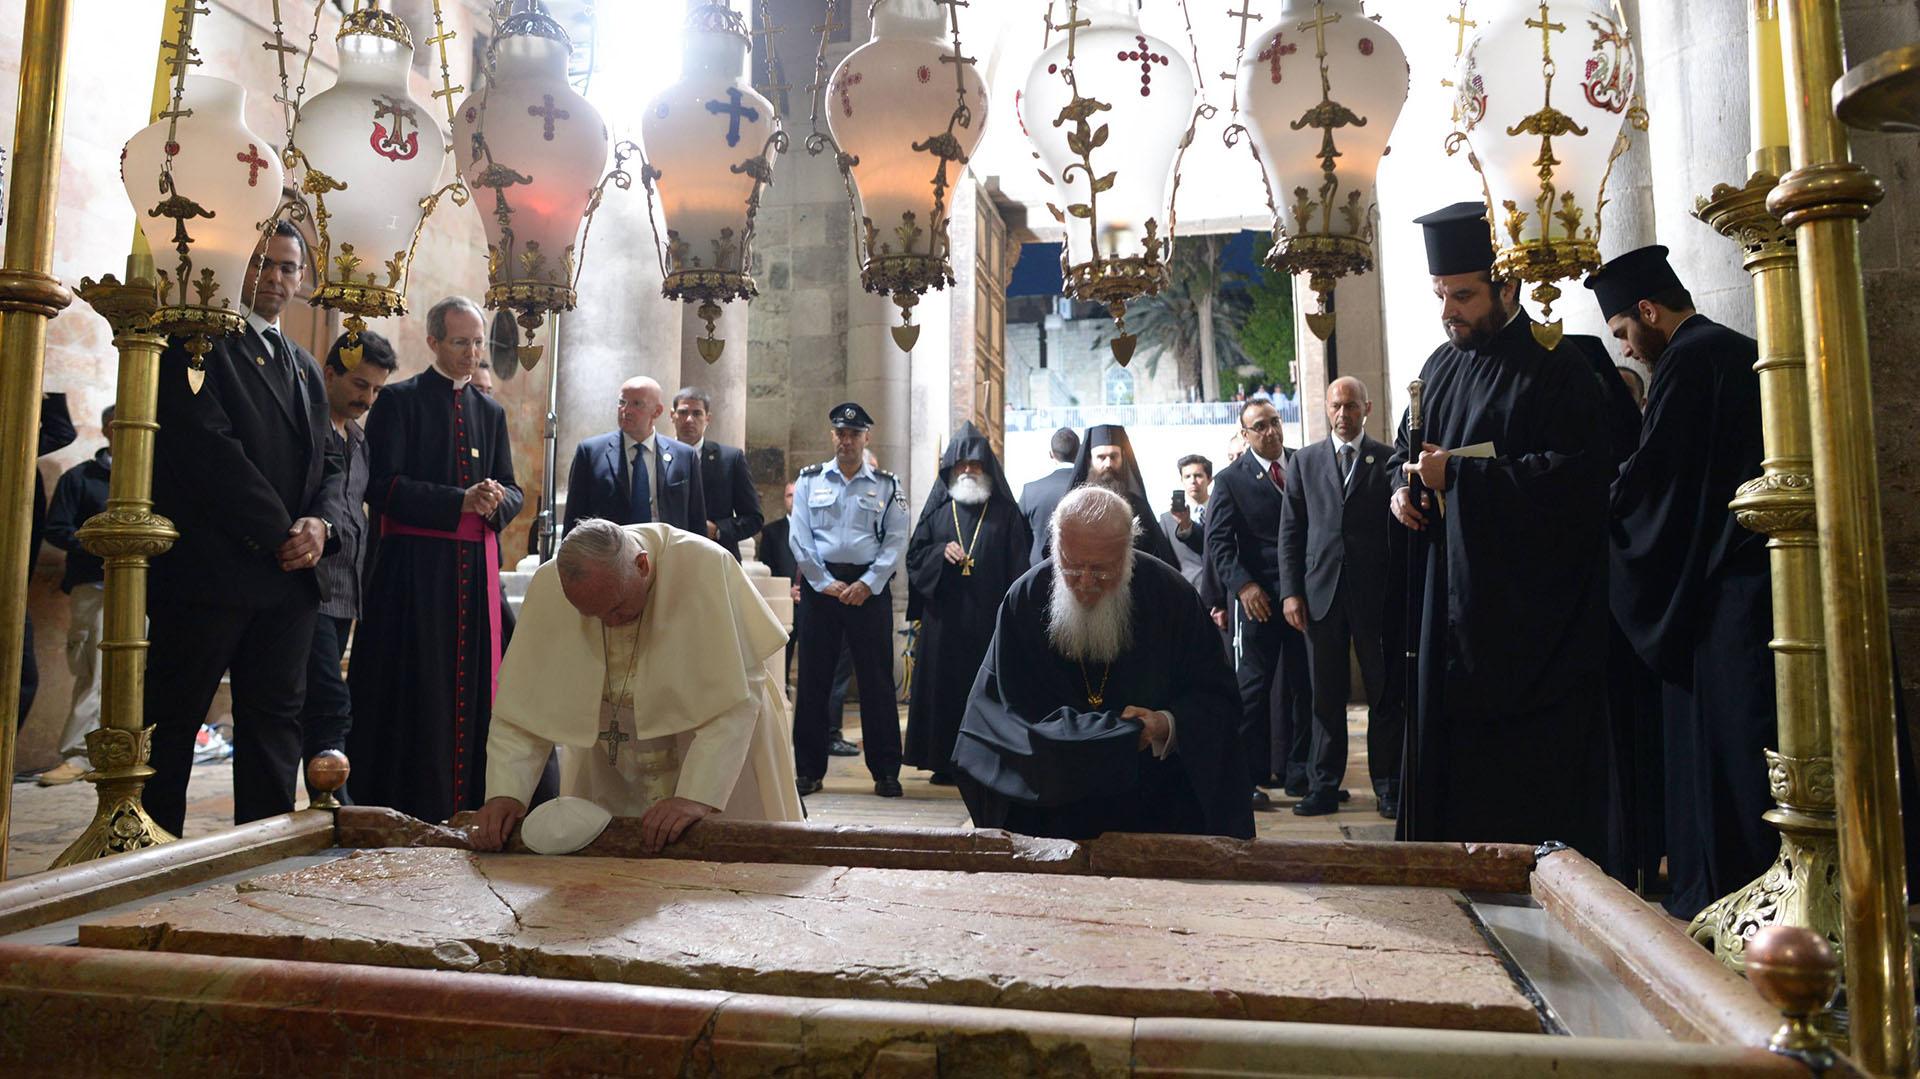 """25 de mayo de 2014, Jerusalén: Francisco visita el Santo Sepulcro durante su viaje por Israel y Palestina. En uno de sus discursos, define el conflicto entre ambas partes como """"inaceptable"""""""